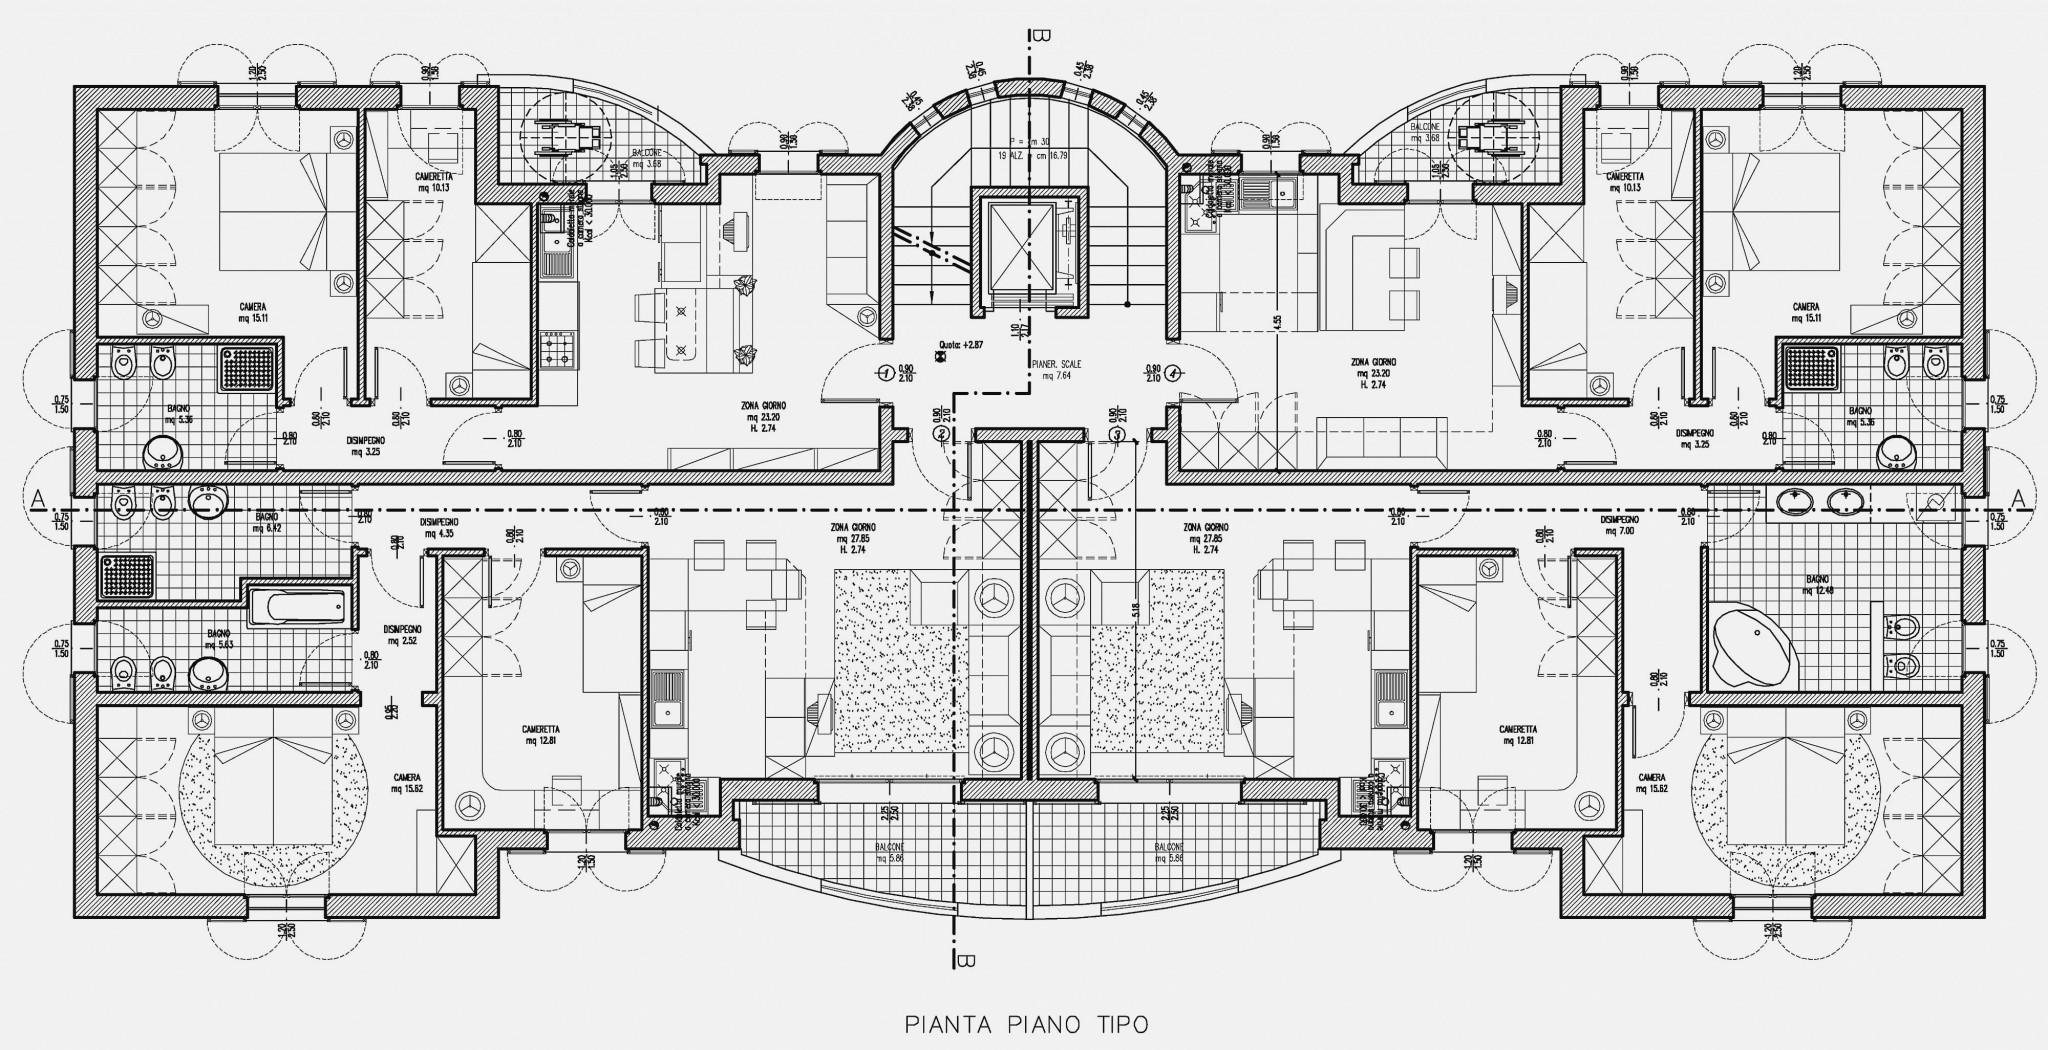 Intervento residenziale cento fe studio abacus for Planimetrie di progettazione architettonica